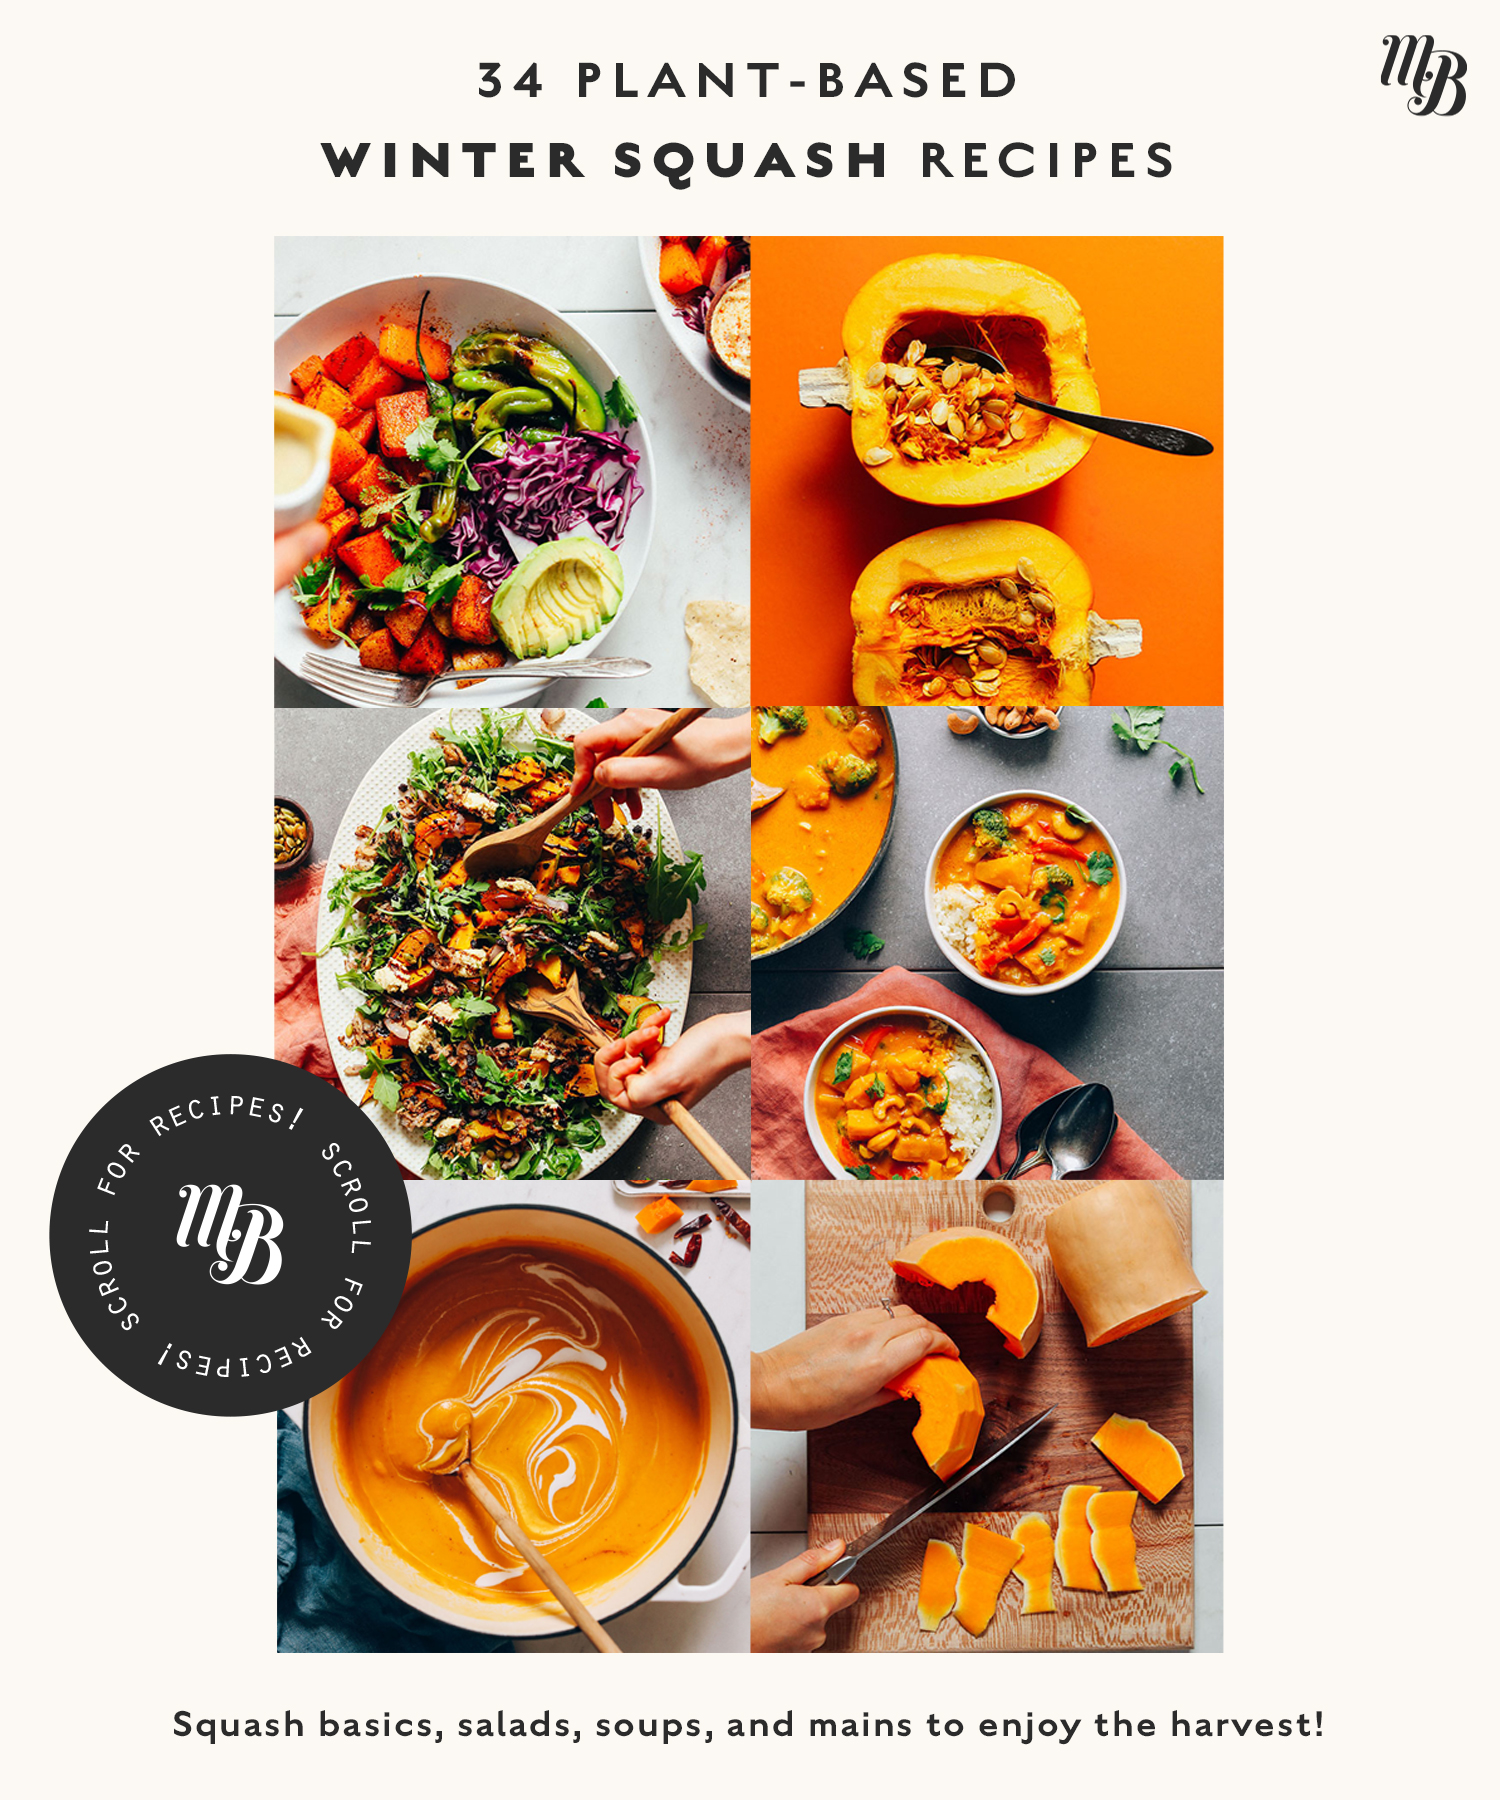 Assortment of vegan winter squash recipes